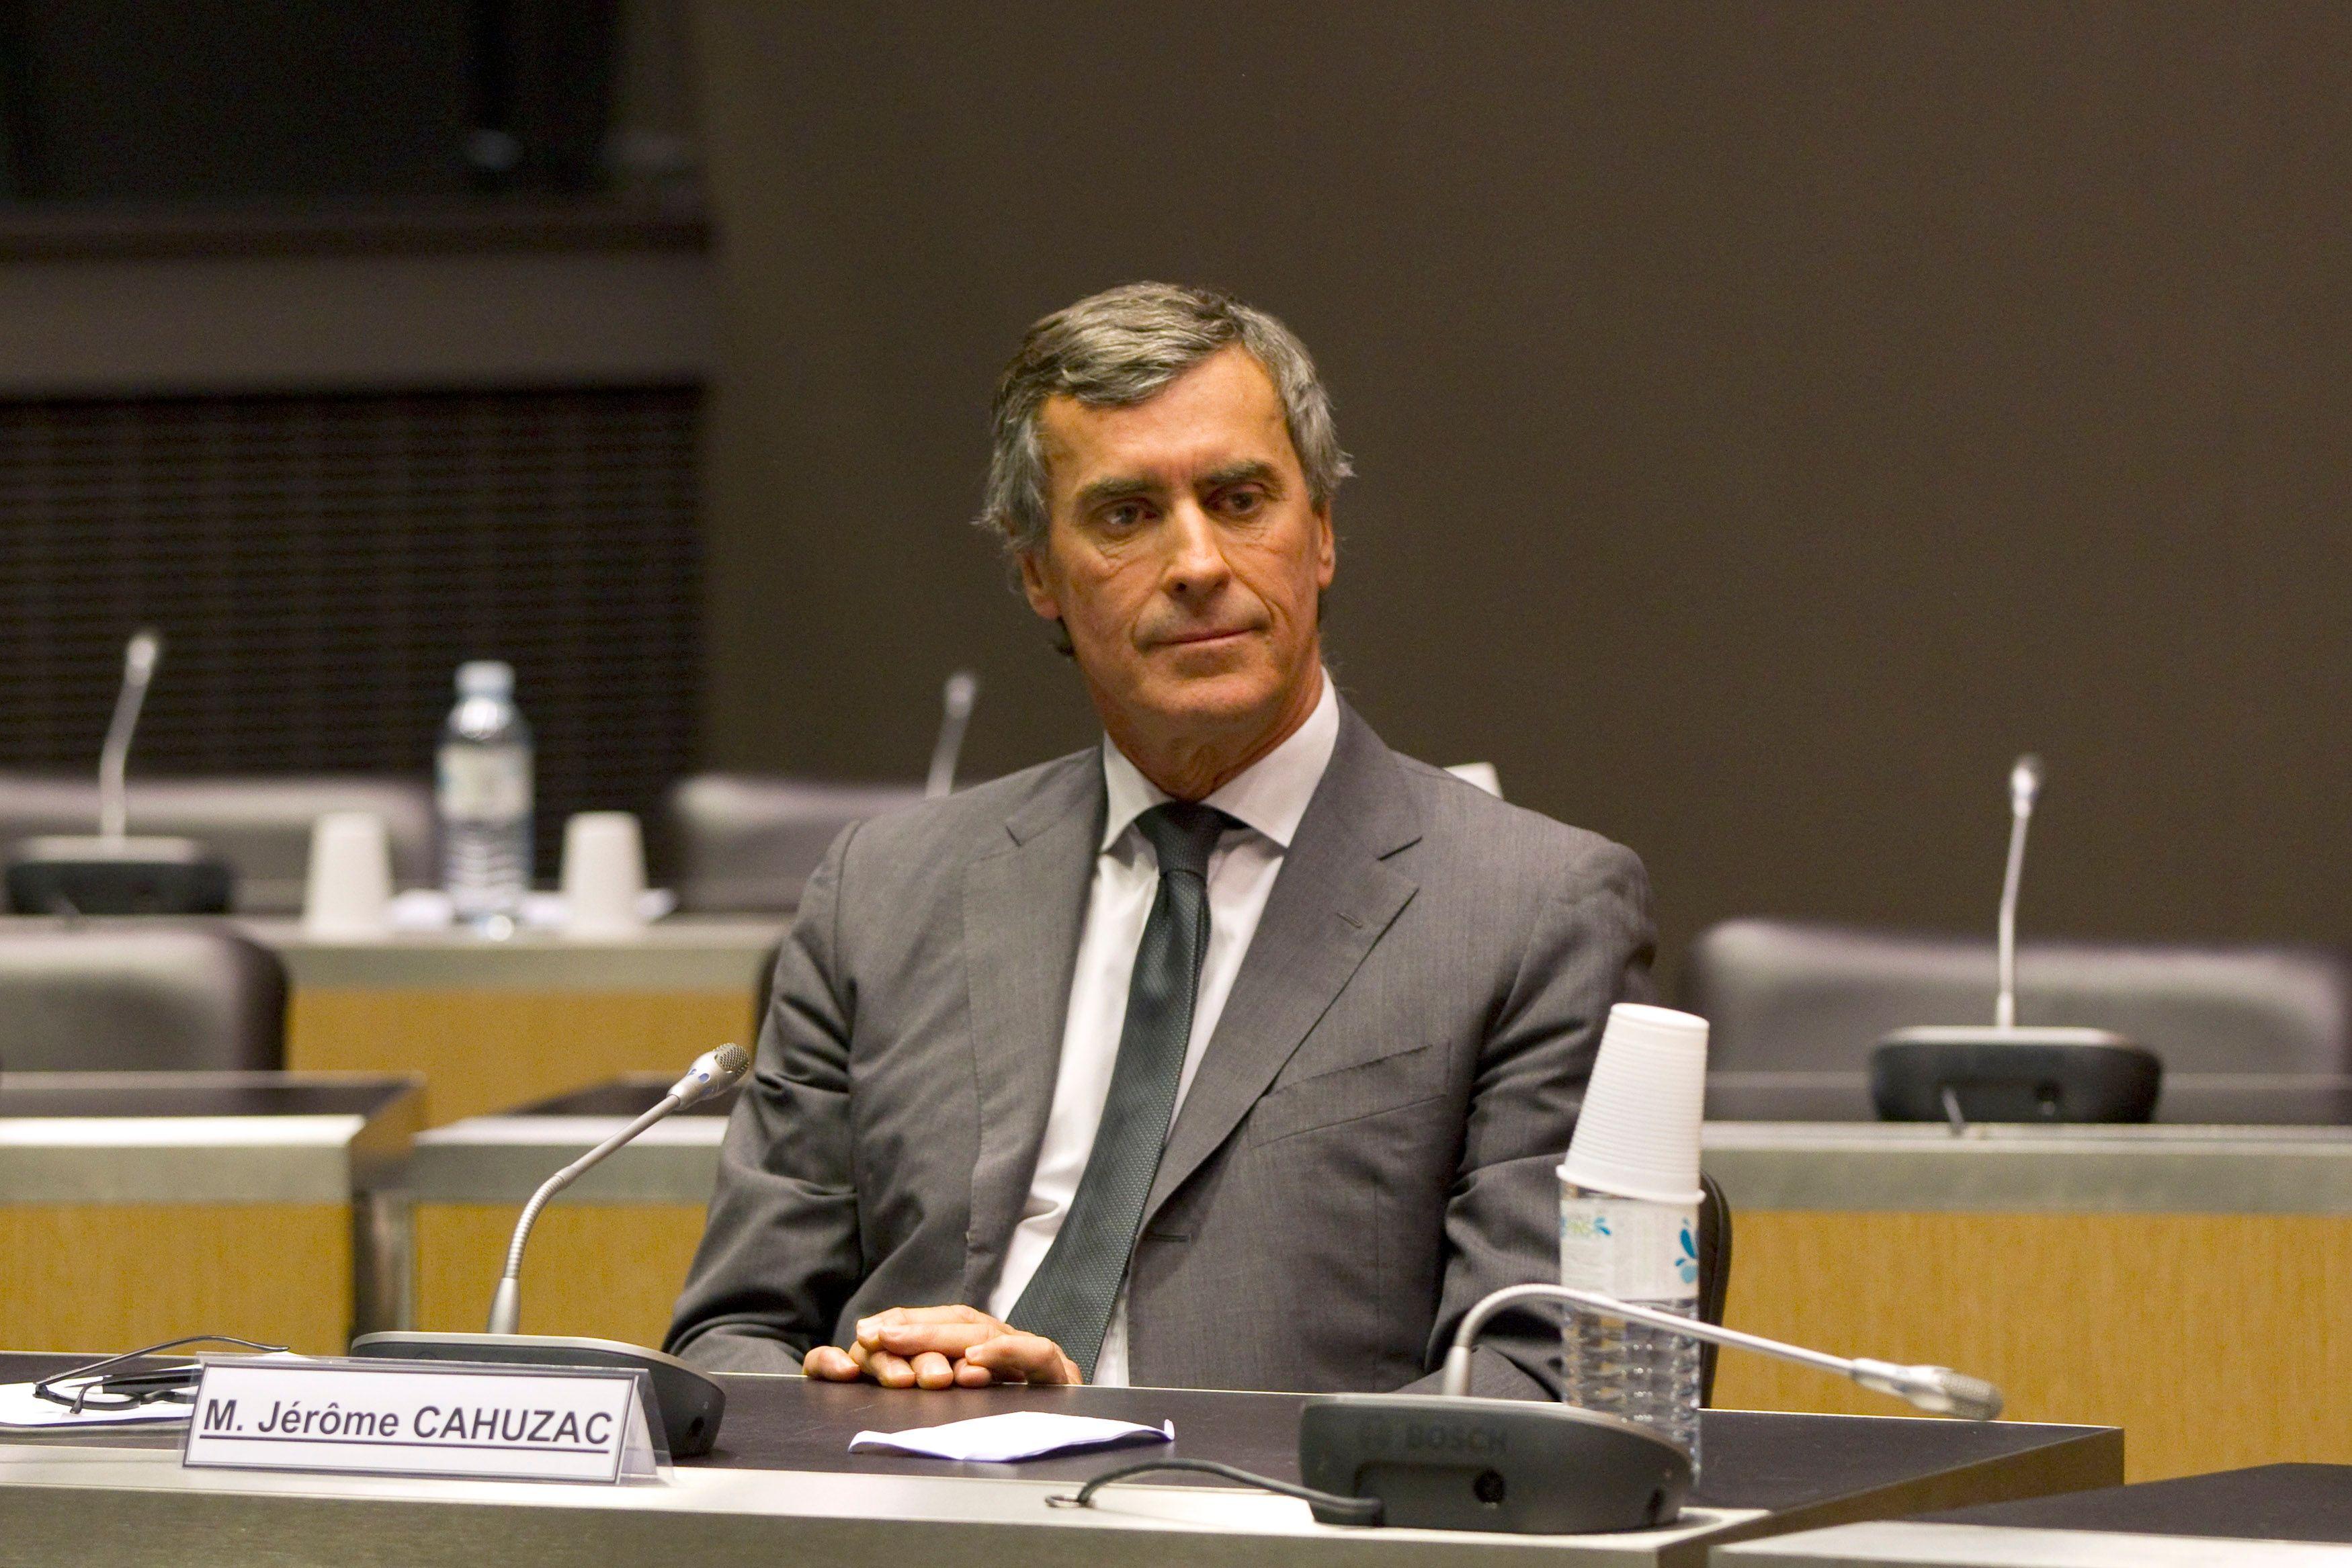 L'ancien ministre du Budget français Jérôme Cahuzac attend le début de son audience à l'Assemblée nationale à Paris 26 Juin 2013.